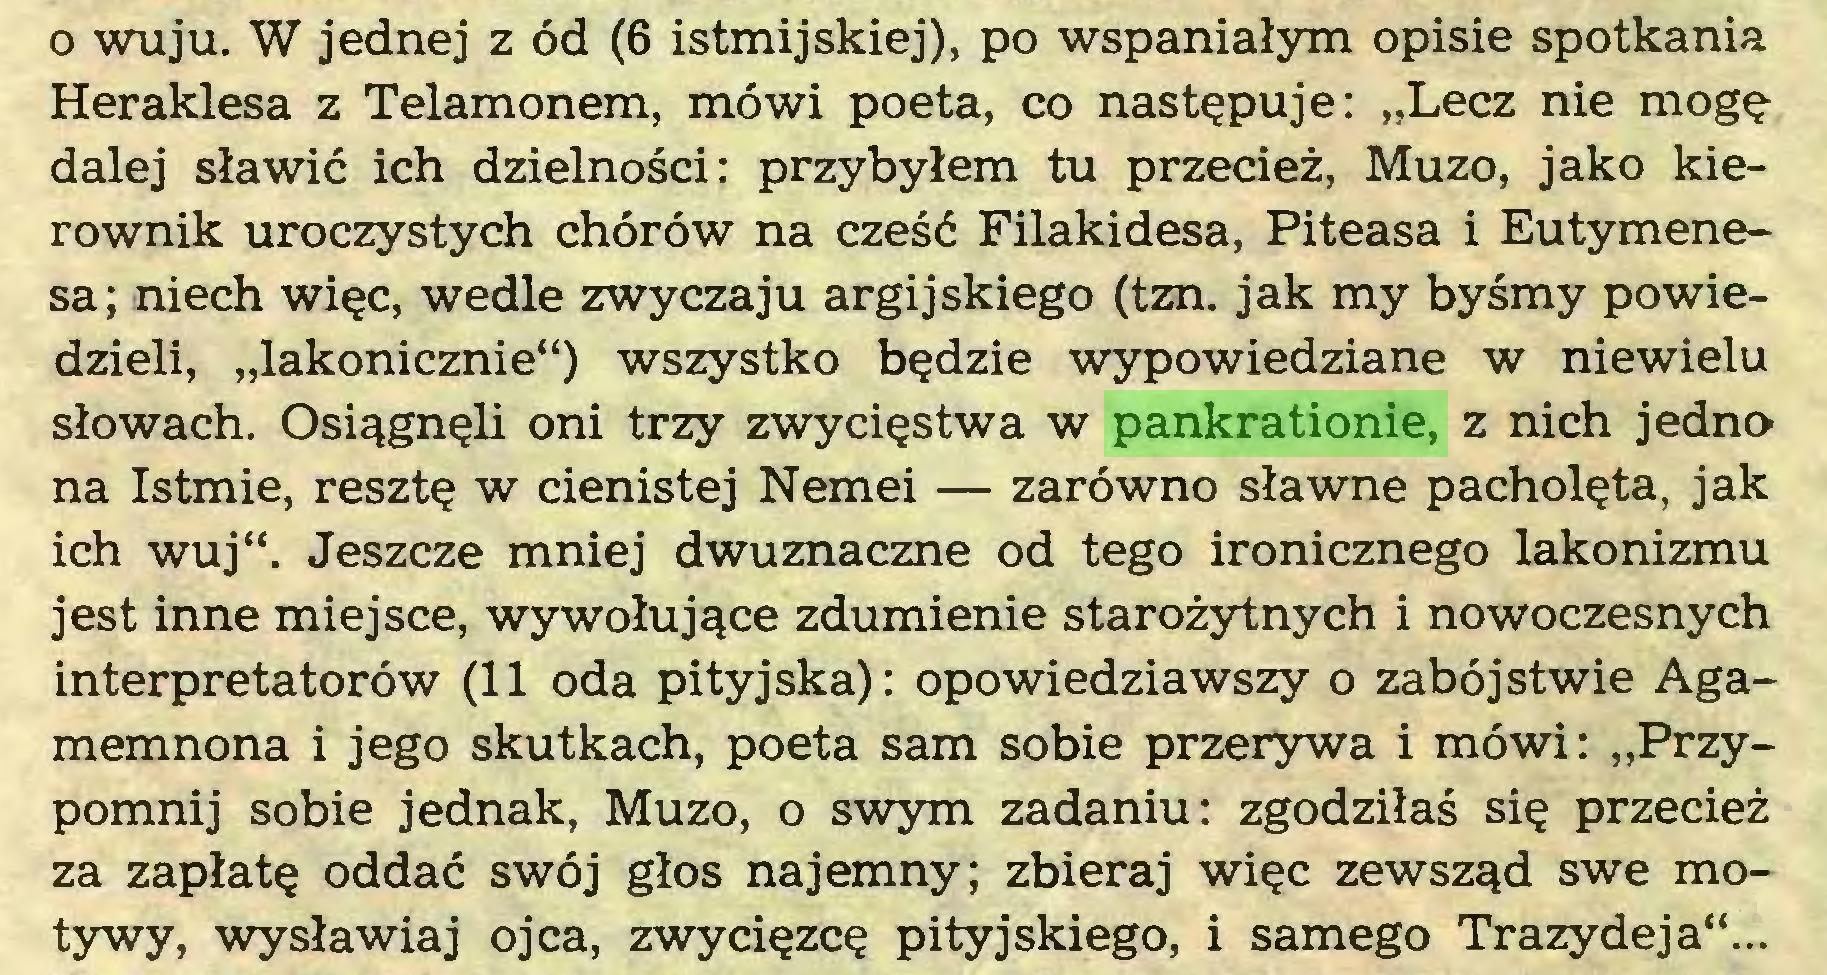 """(...) o wuju. W jednej z ód (6 istmijskiej), po wspaniałym opisie spotkania Heraklesa z Telamonem, mówi poeta, co następuje: """"Lecz nie mogę dalej sławić ich dzielności: przybyłem tu przecież, Muzo, jako kierownik uroczystych chórów na cześć Filakidesa, Piteasa i Eutymenesa; niech więc, wedle zwyczaju argijskiego (tzn. jak my byśmy powiedzieli, """"lakonicznie"""") wszystko będzie wypowiedziane w niewielu słowach. Osiągnęli oni trzy zwycięstwa w pankrationie, z nich jedno na Istmie, resztę w cienistej Nemei — zarówno sławne pacholęta, jak ich wuj"""". Jeszcze mniej dwuznaczne od tego ironicznego lakonizmu jest inne miejsce, wywołujące zdumienie starożytnych i nowoczesnych interpretatorów (11 oda pityjska): opowiedziawszy o zabójstwie Agamemnona i jego skutkach, poeta sam sobie przerywa i mówi: """"Przypomnij sobie jednak, Muzo, o swym zadaniu: zgodziłaś się przecież za zapłatę oddać swój głos najemny; zbieraj więc zewsząd swe motywy, wysławiaj ojca, zwycięzcę pityjskiego, i samego Trazydeja""""..."""